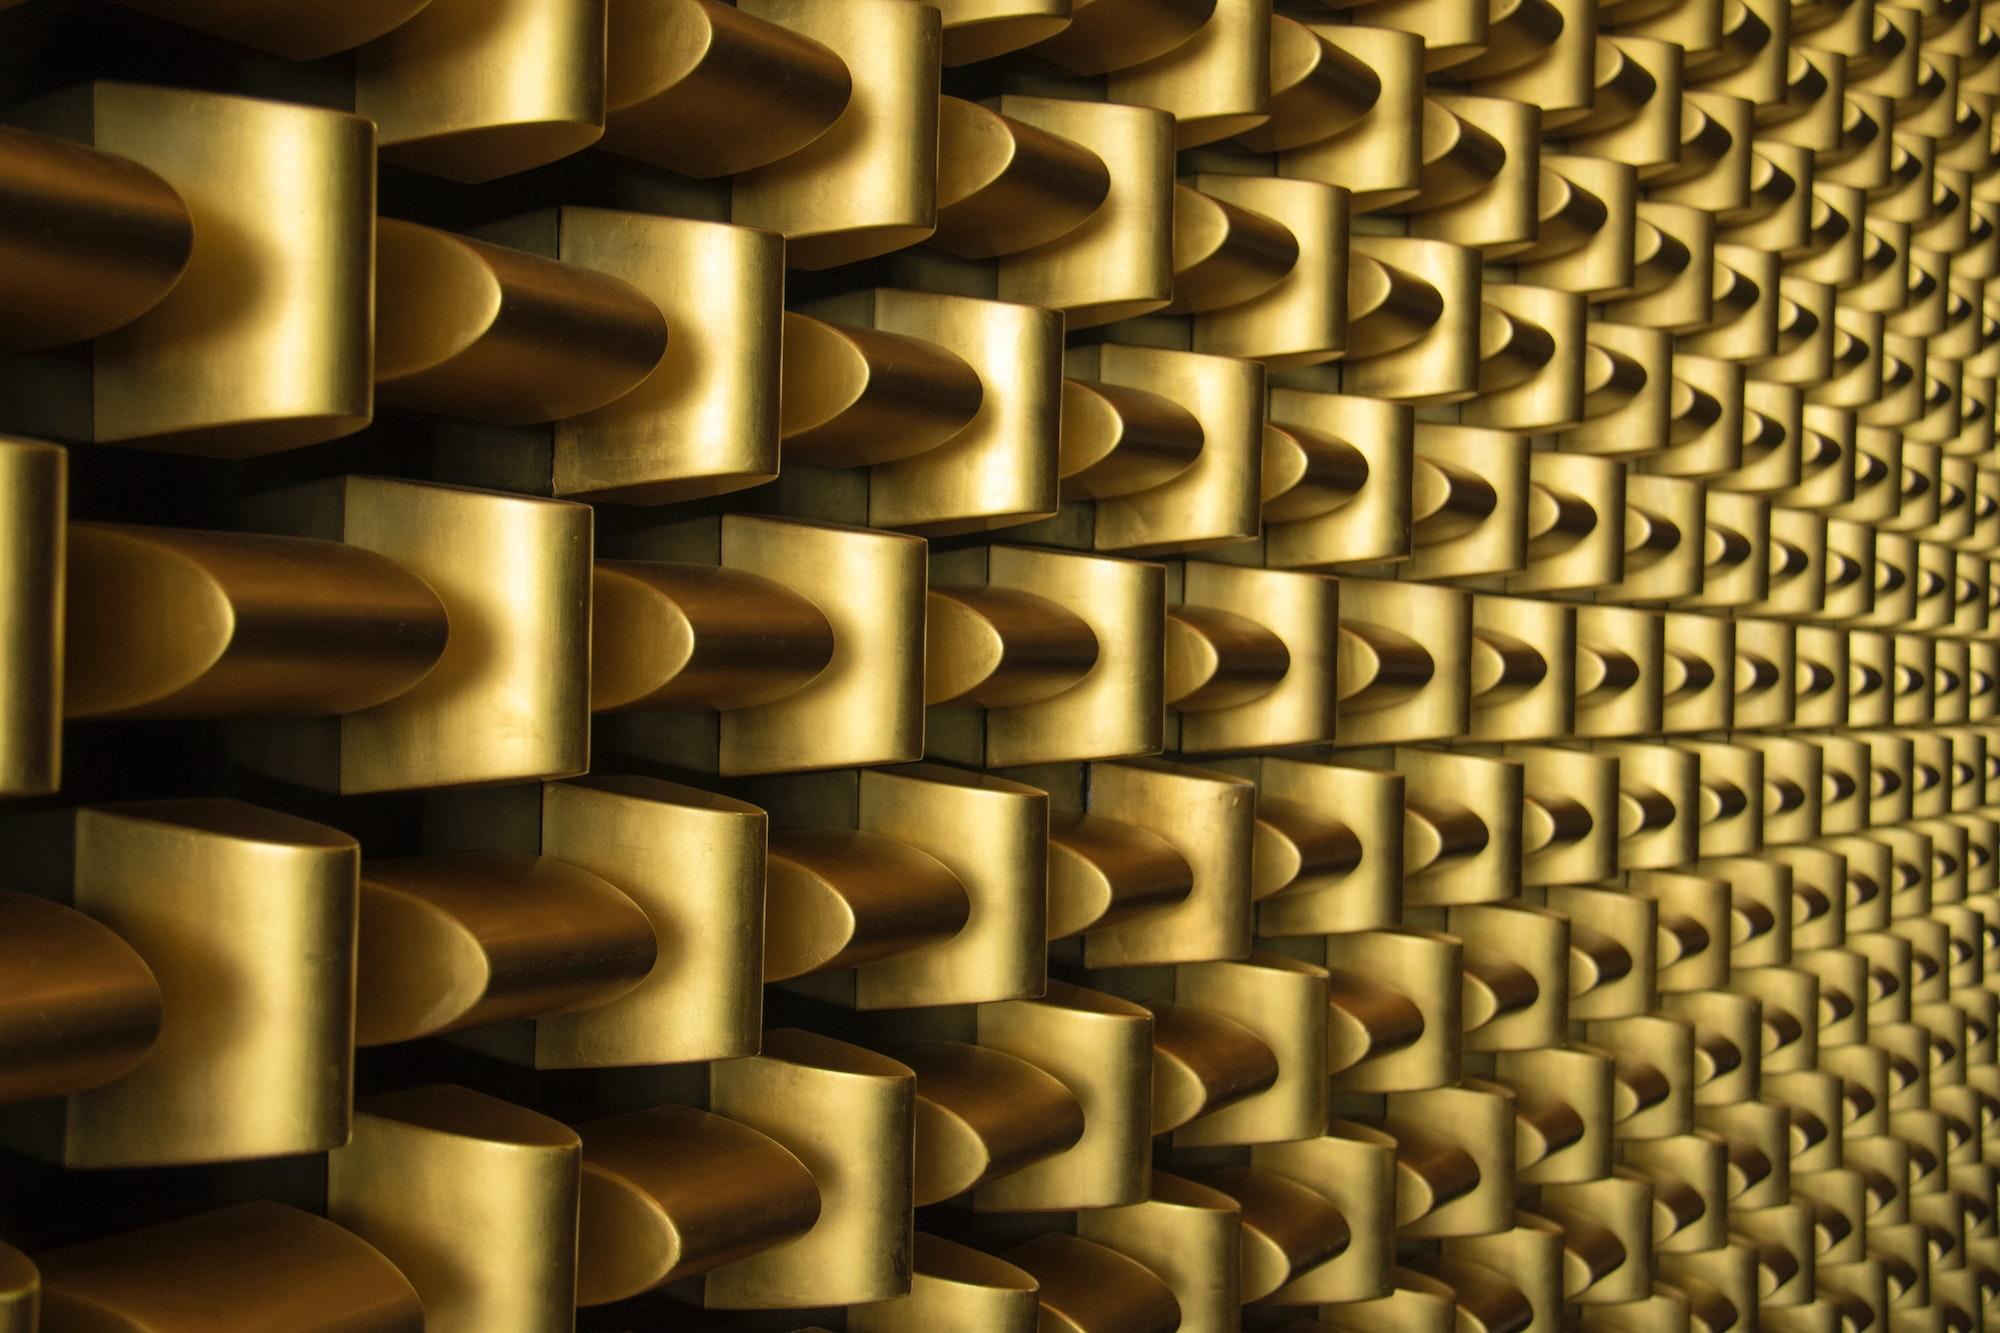 Xetra Gold oder EUWAX? Was ist besser?